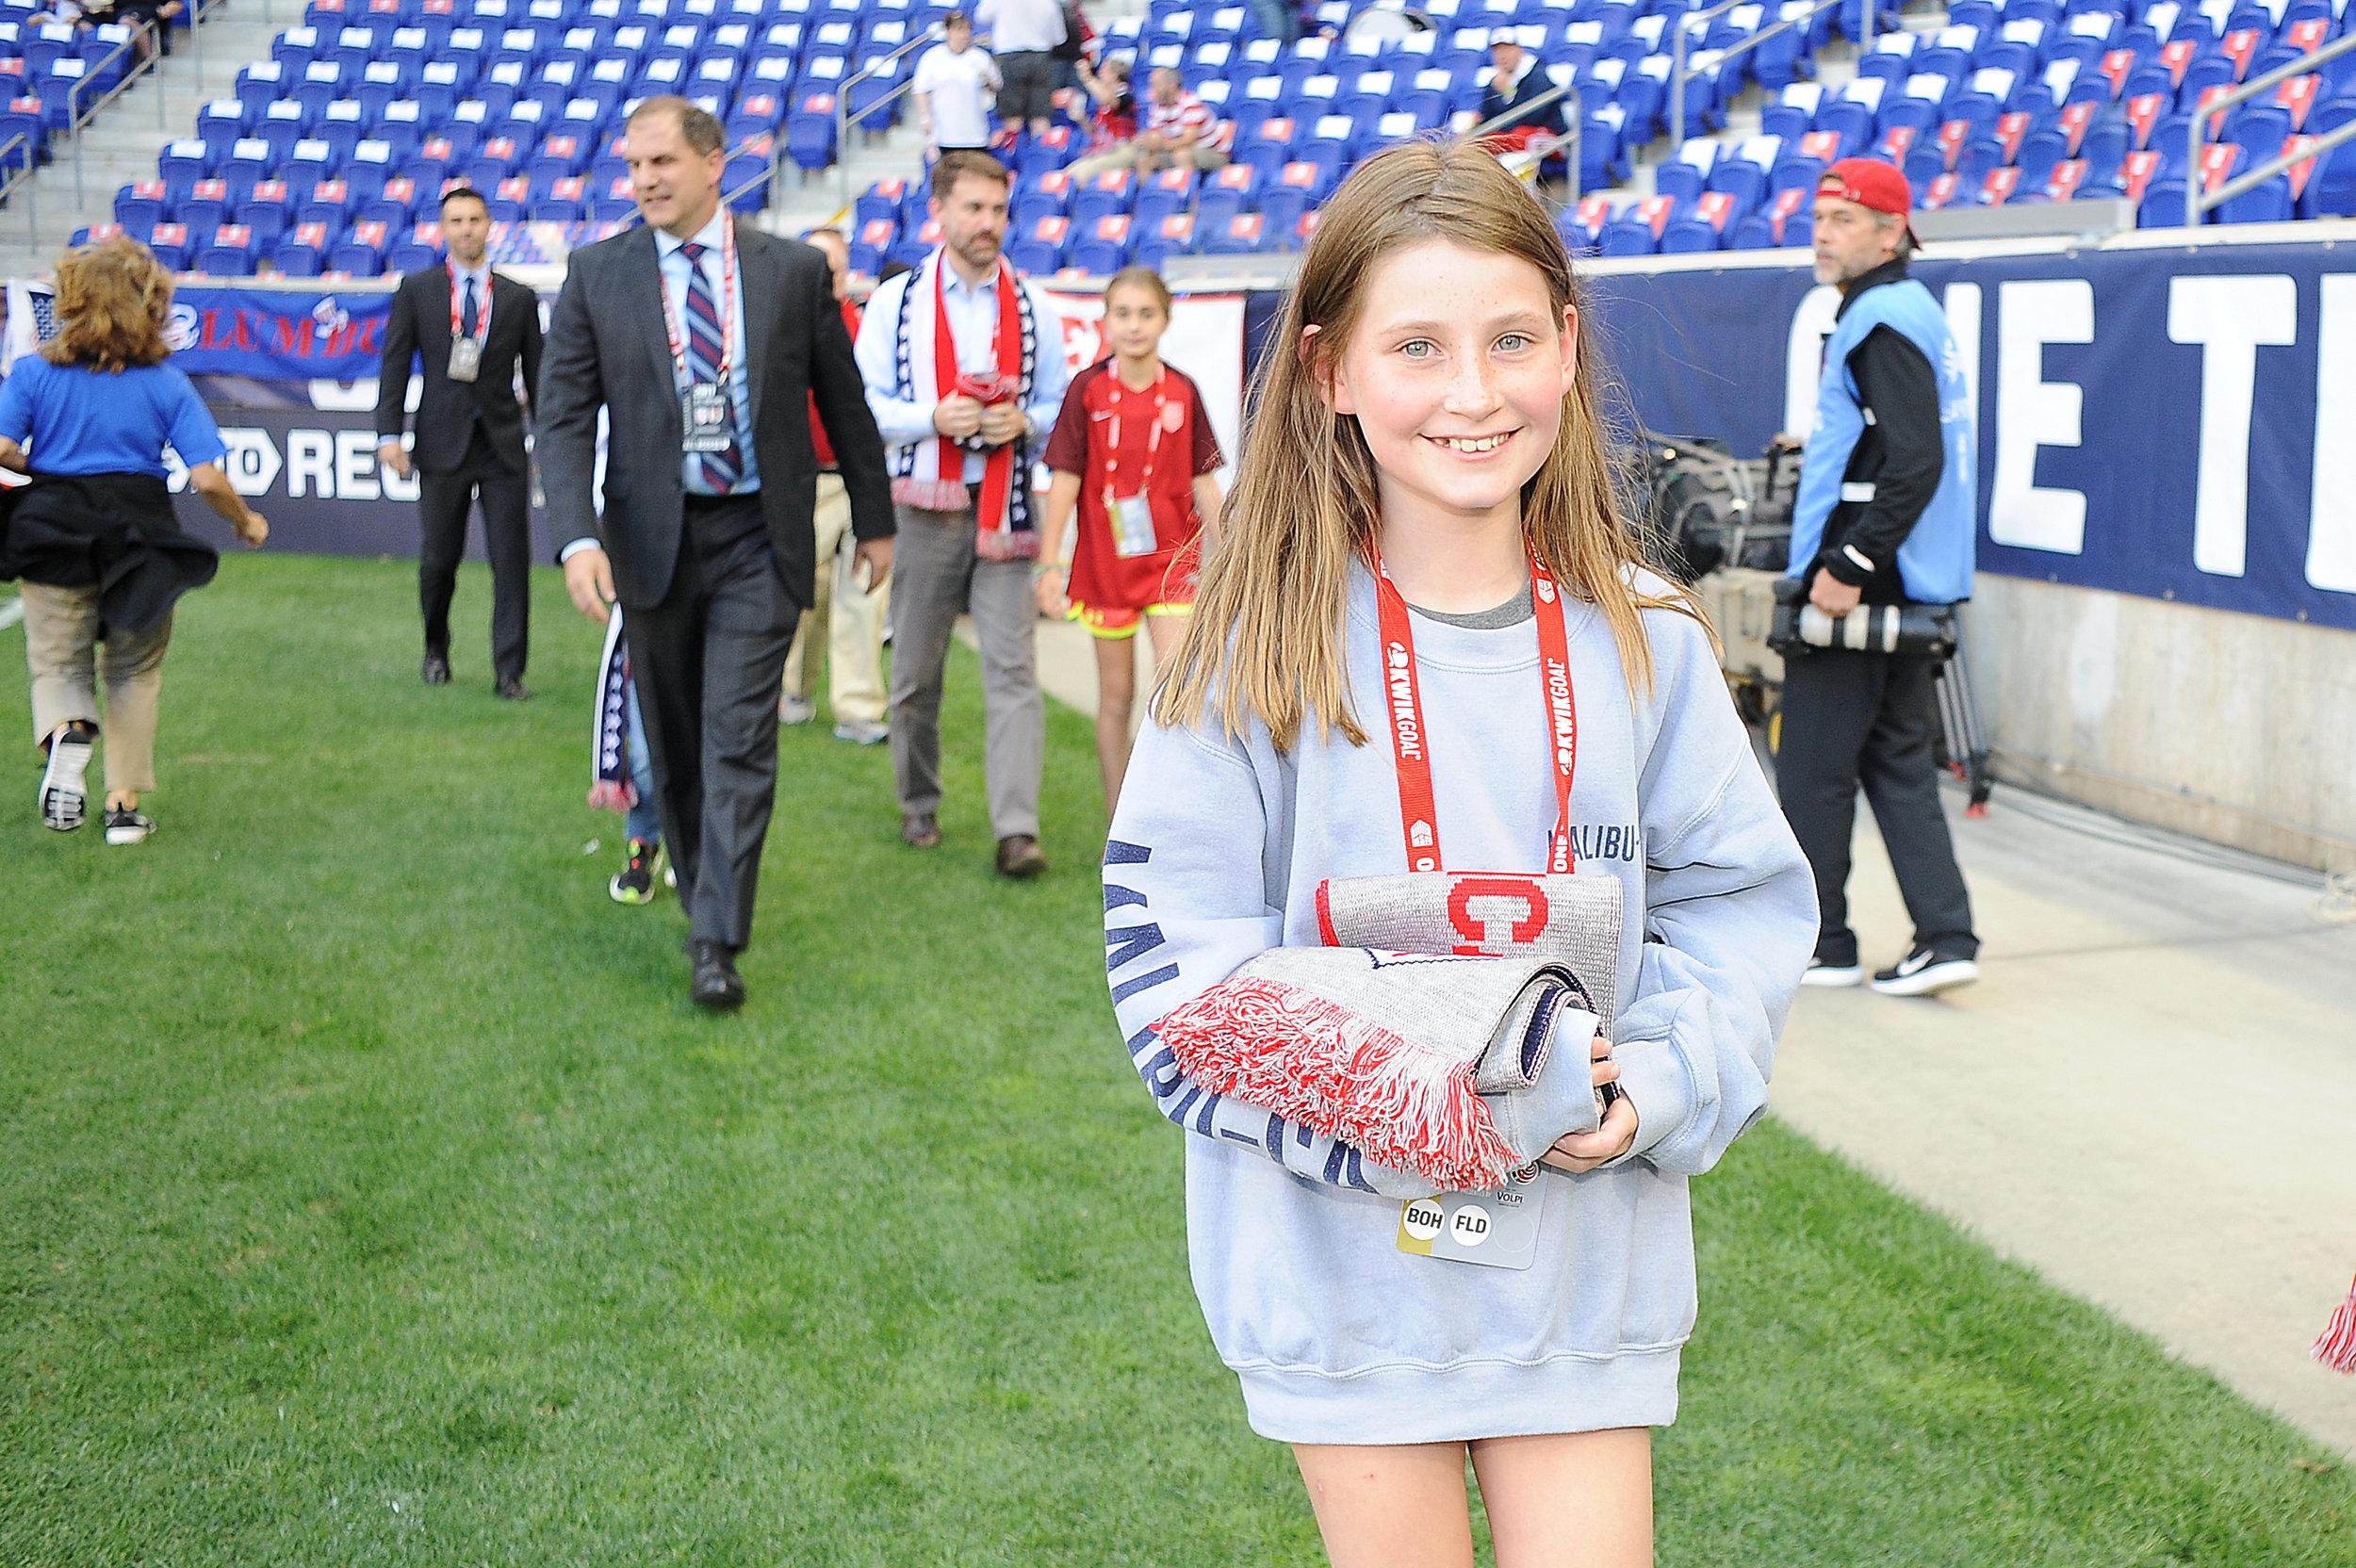 us_soccer_images_010_2.jpg